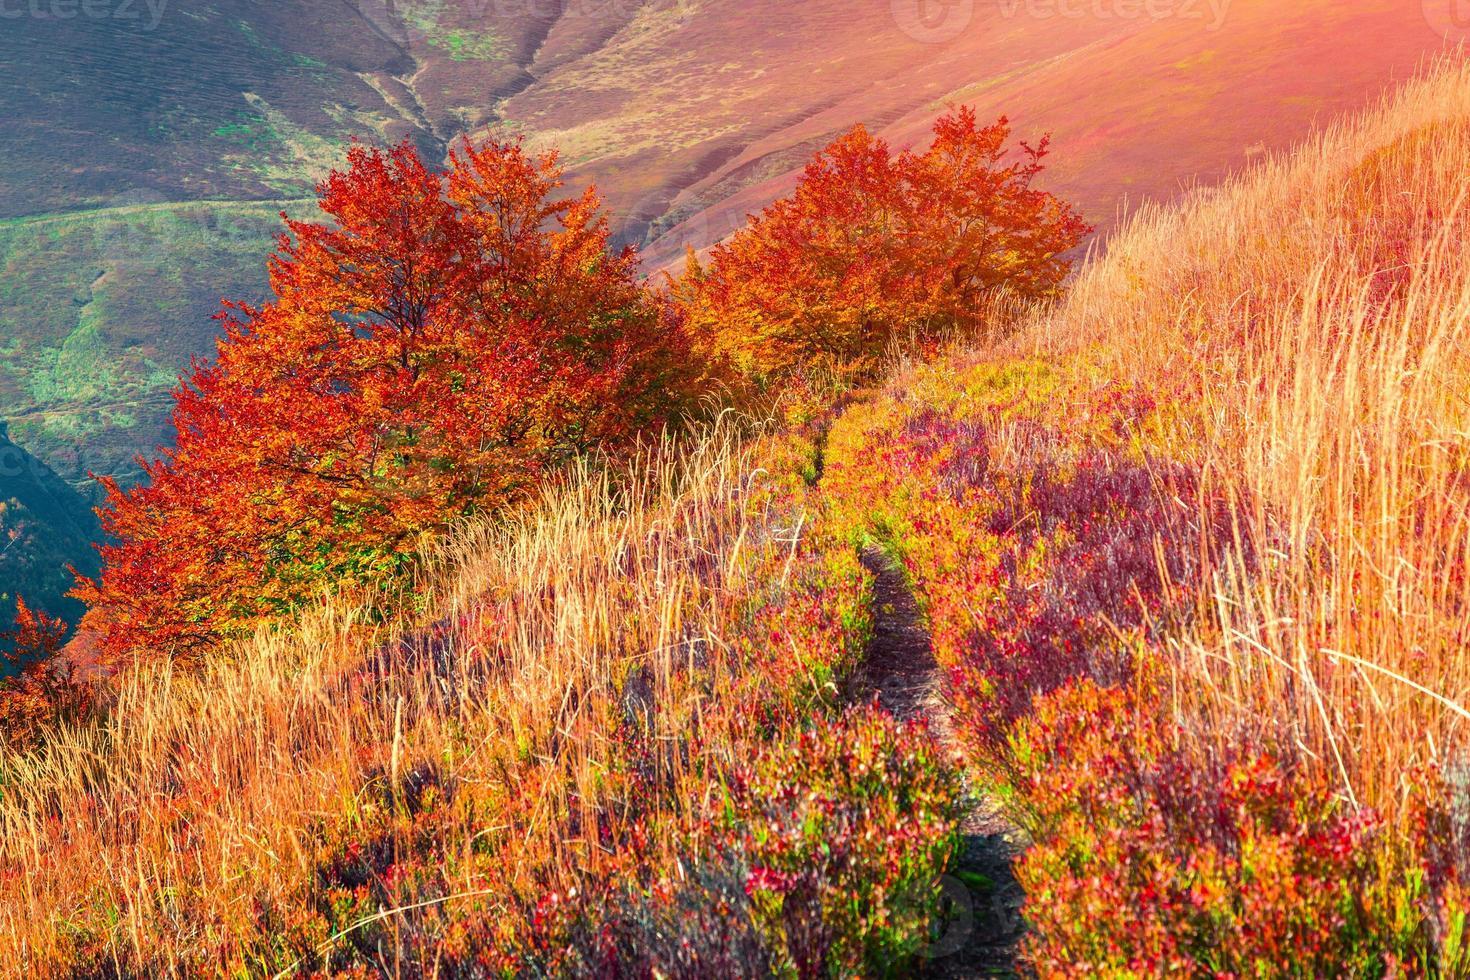 kleurrijke herfst zonsopgang in het bergbos. foto